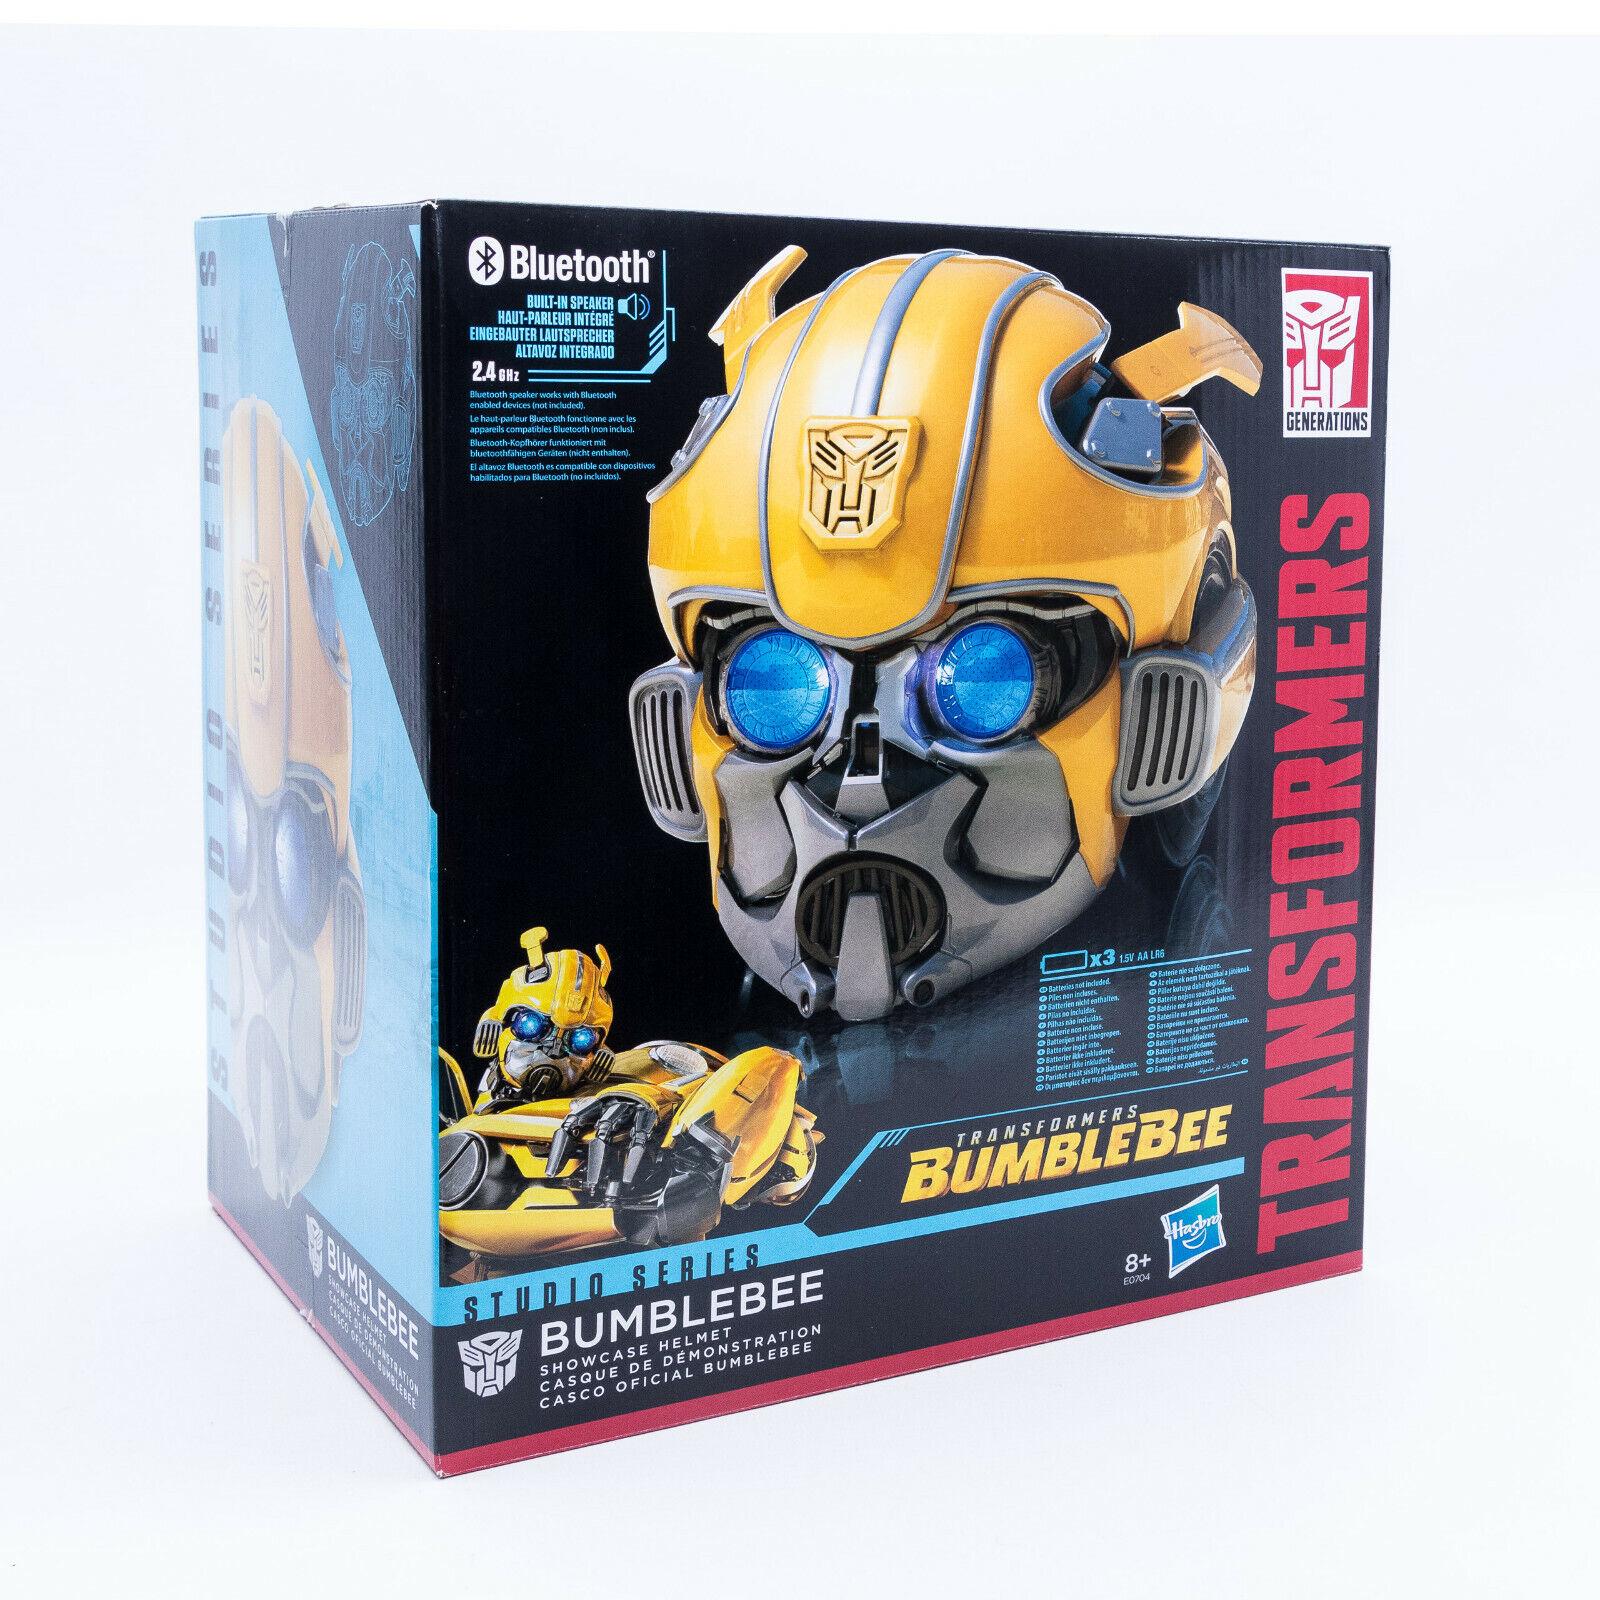 Hasbro e0704 Transformers Bumblebee réplica casco con luz & Sound nuevo en el embalaje original